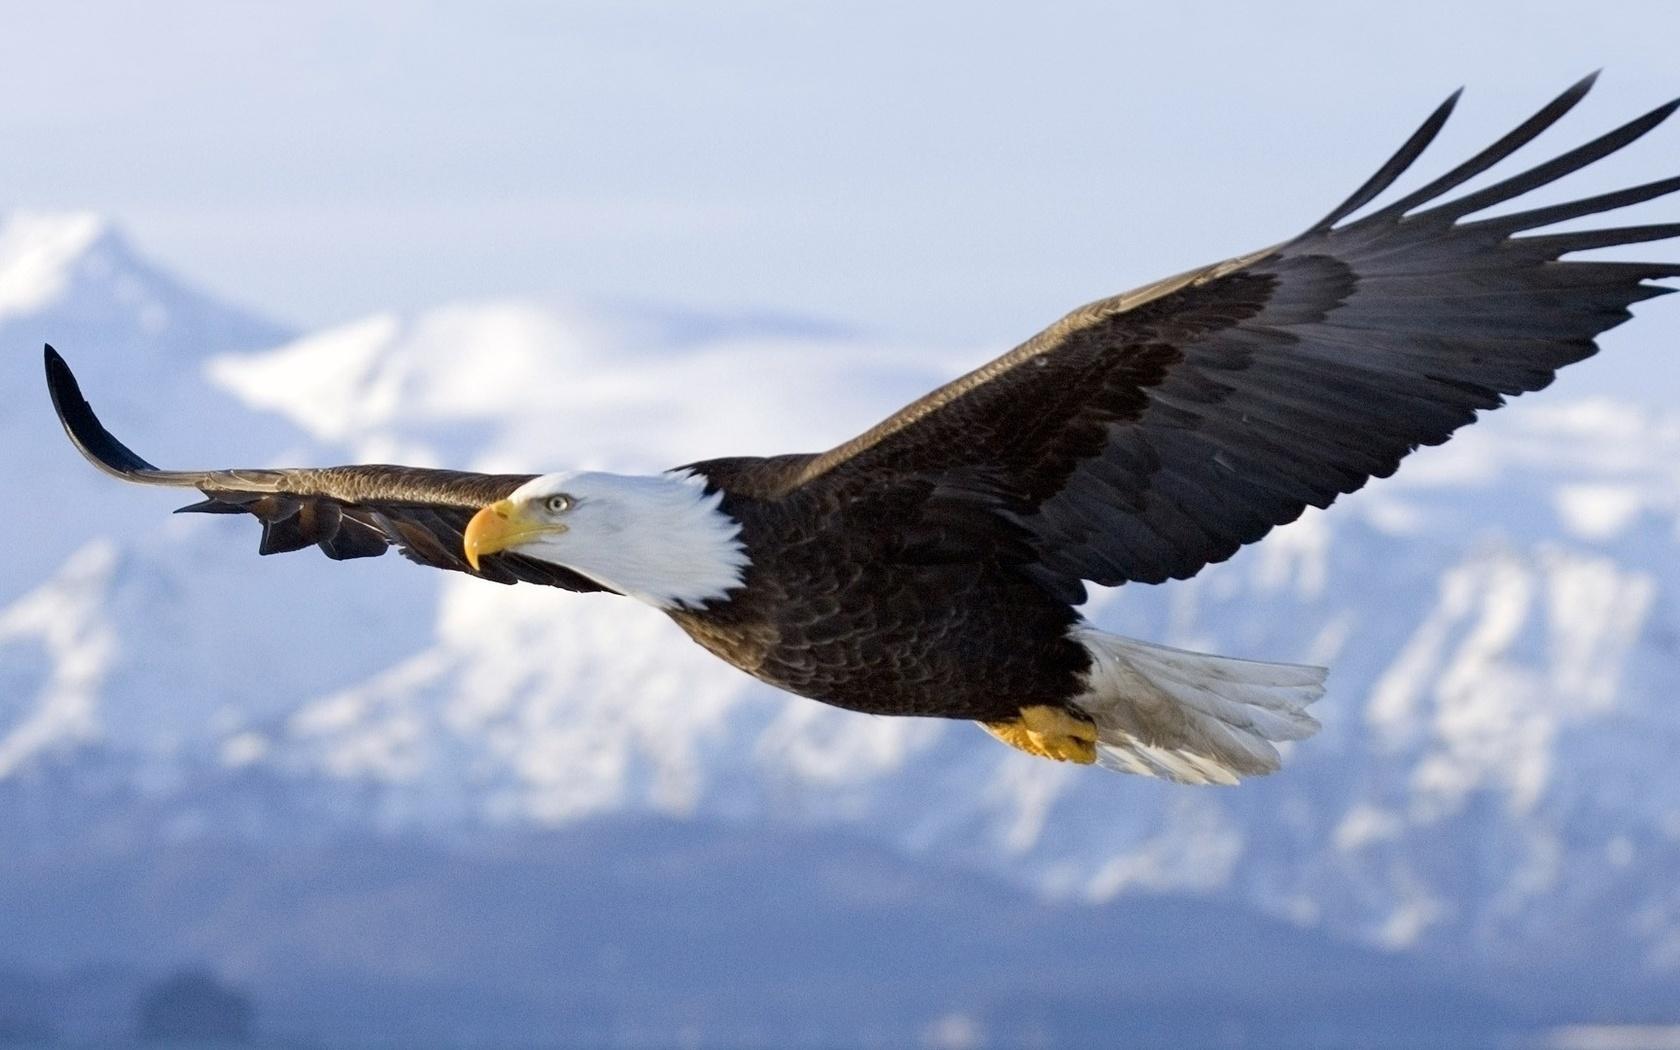 фотопроекта фотографии летящего орла николаевич доктор, отличающийся